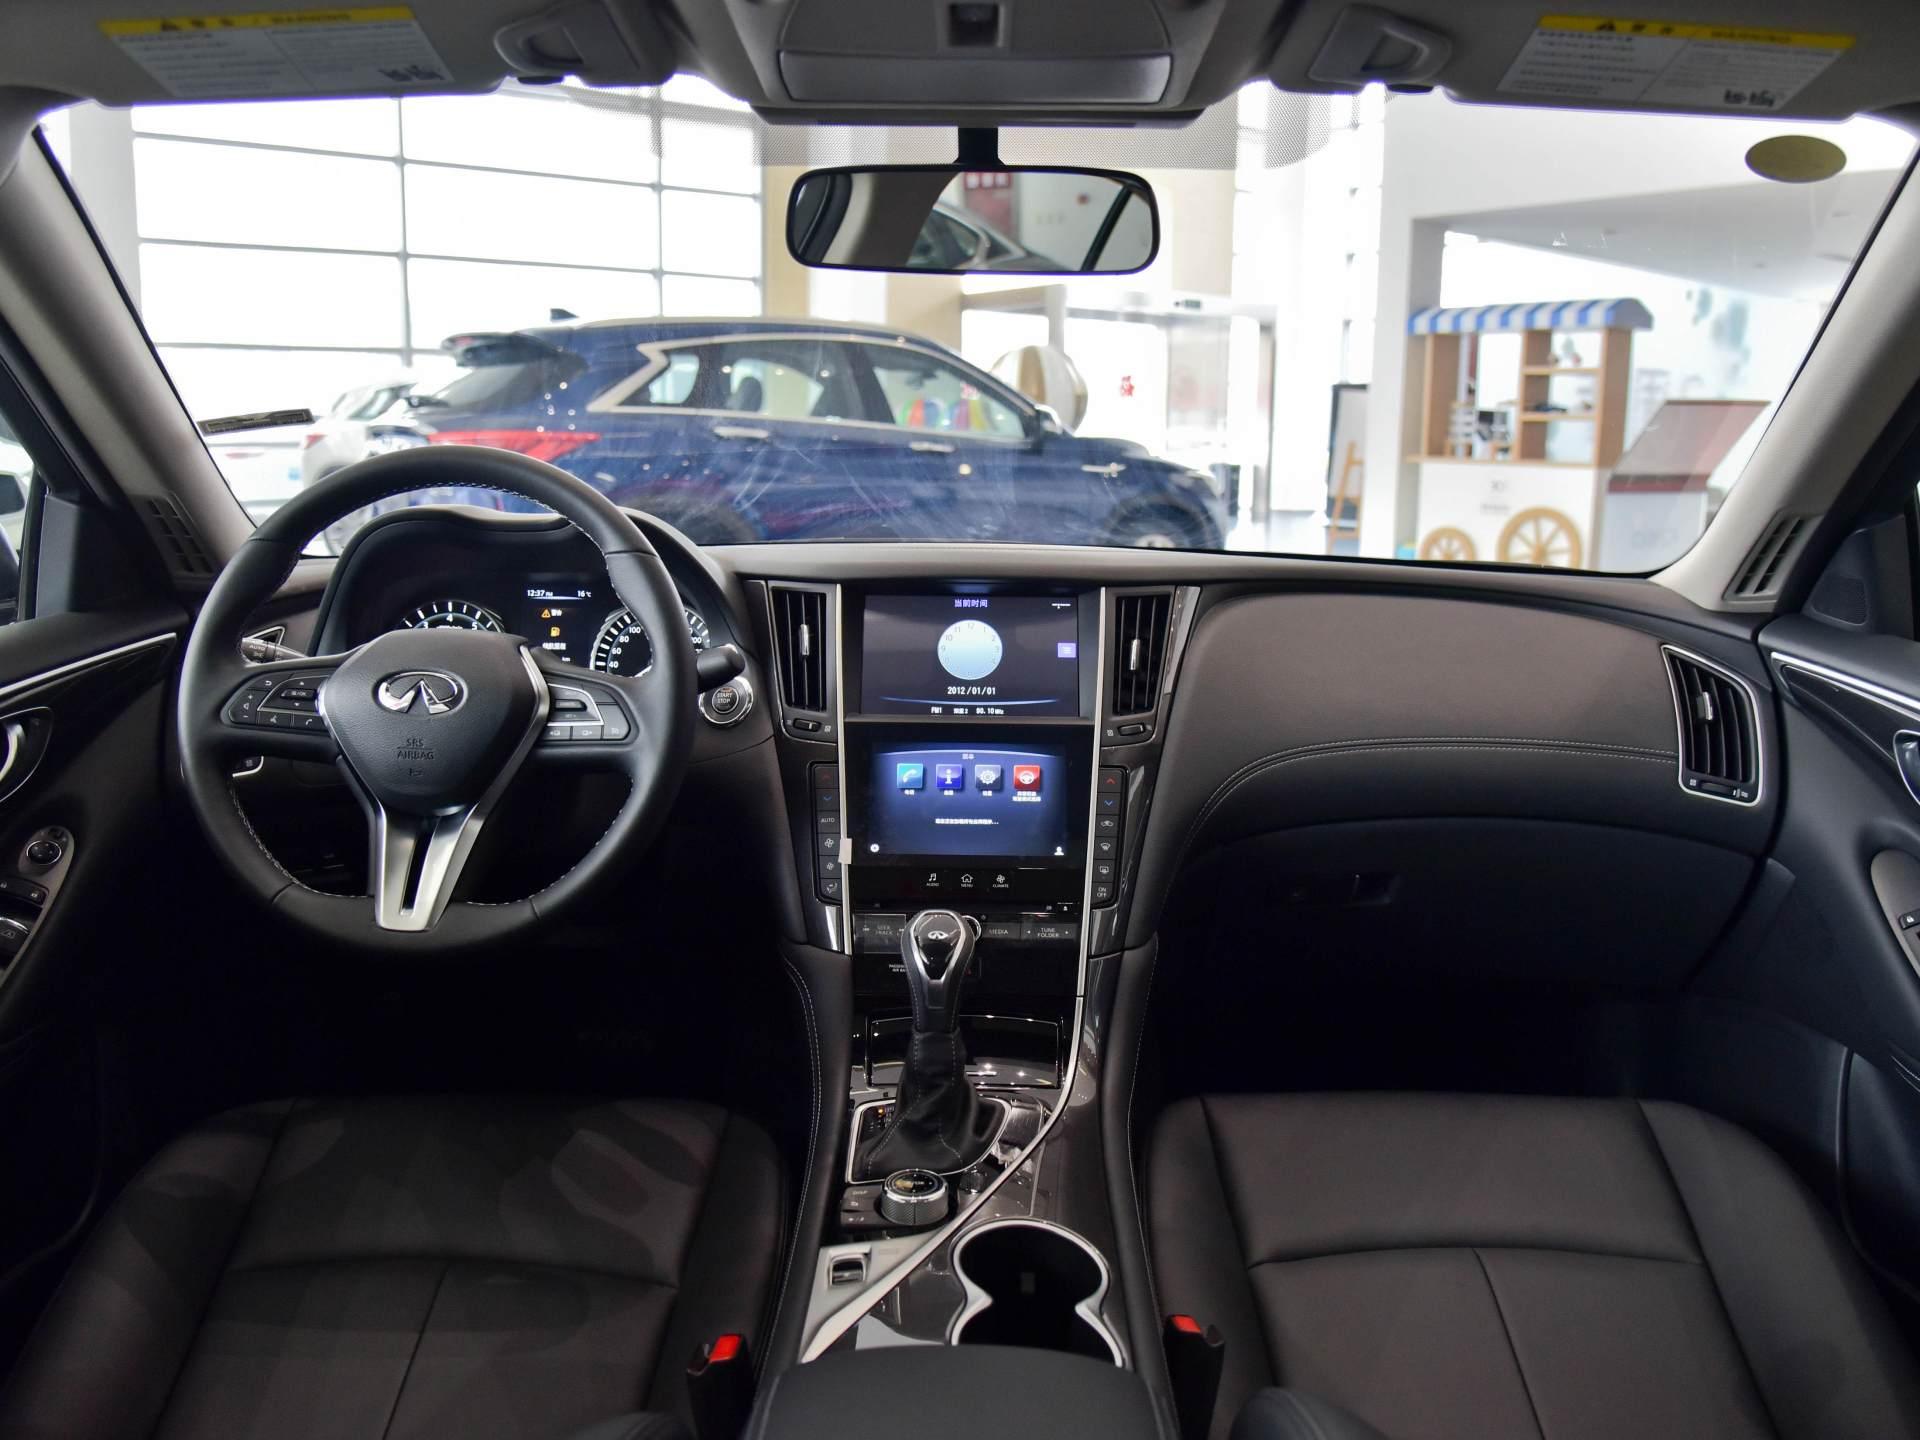 奔馳動力總成的日系豪華轎車,質感不錯,實拍英菲尼迪Q50L-圖4